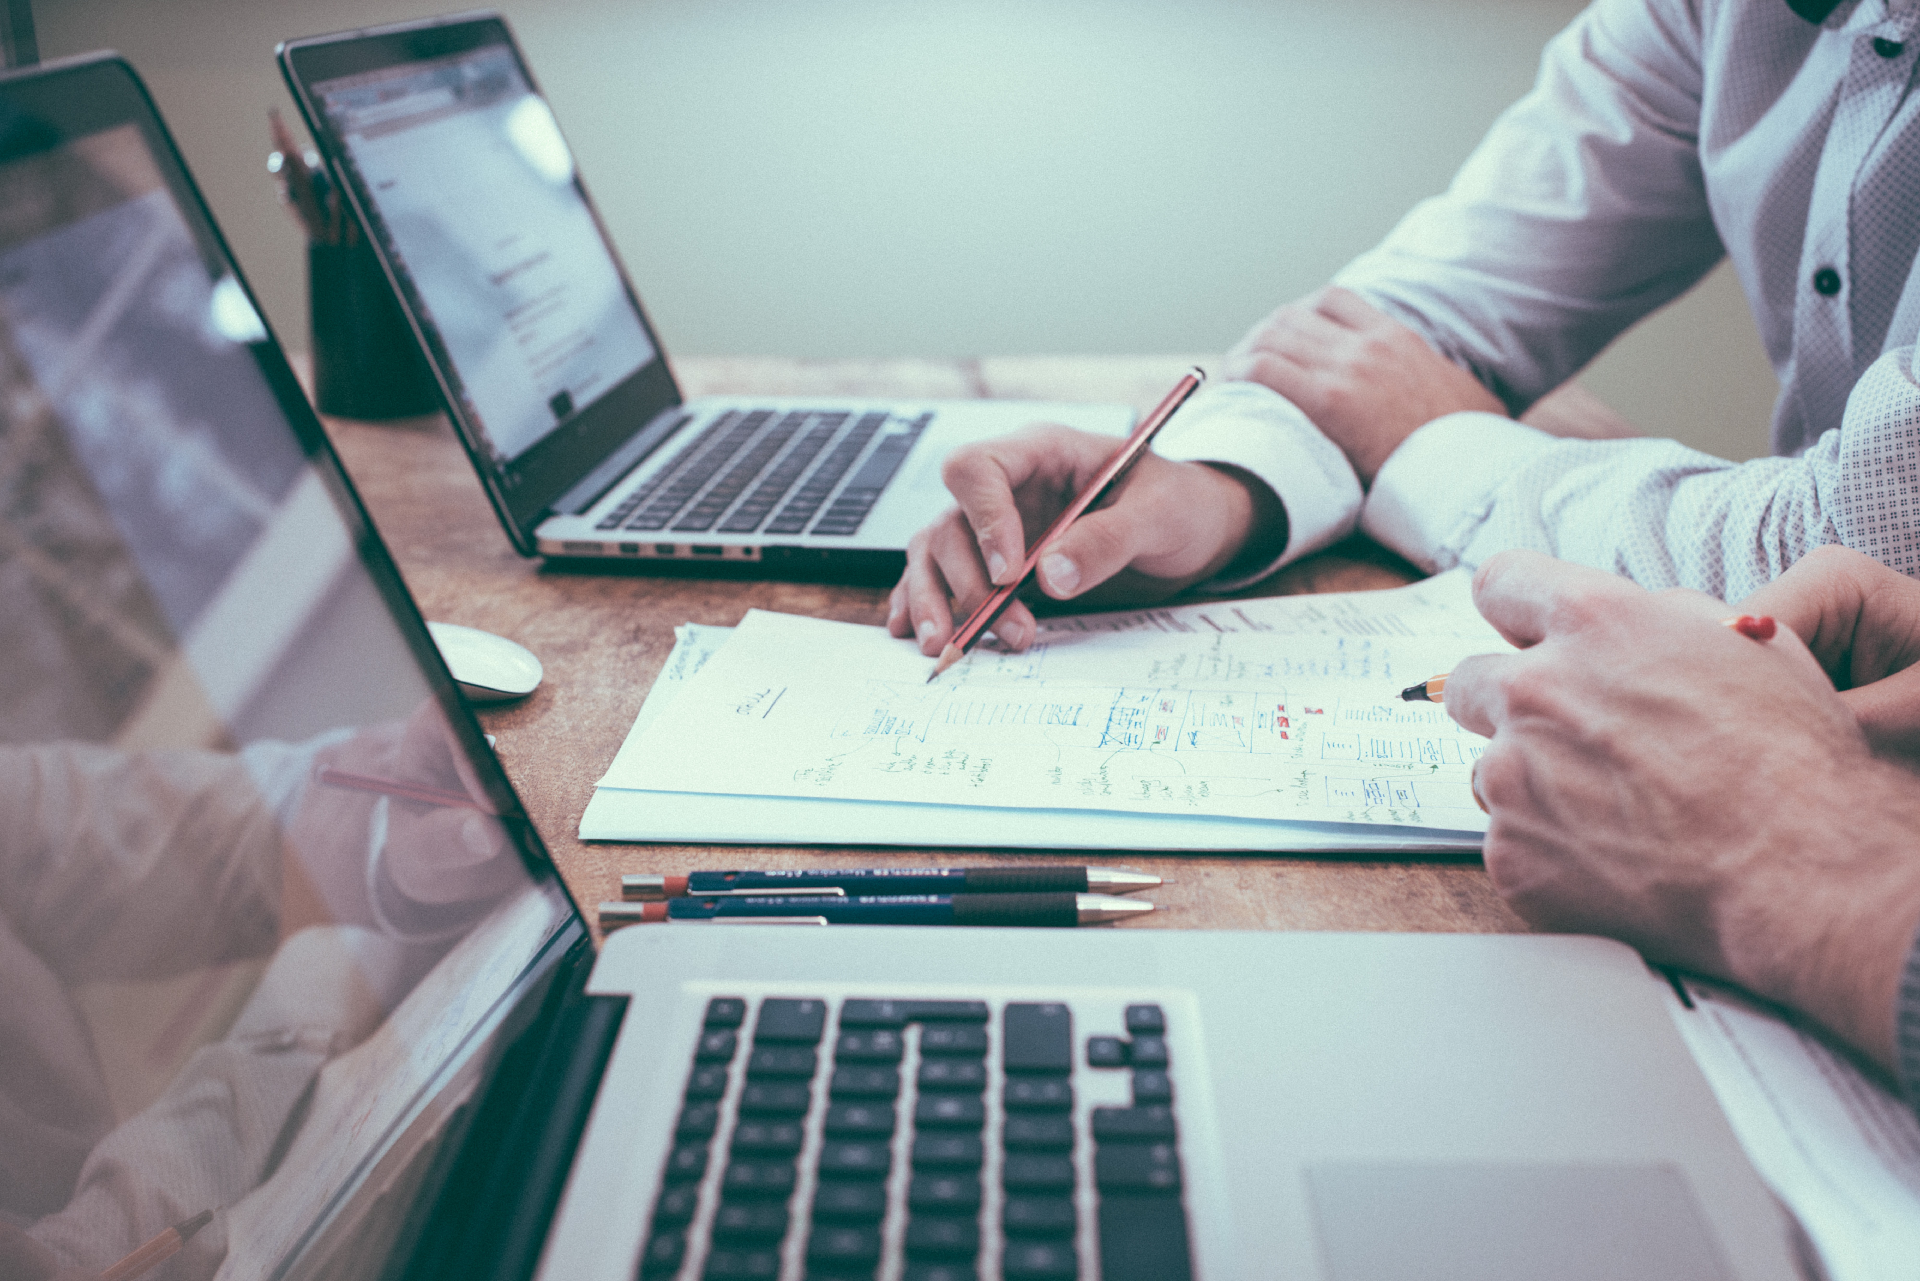 شیوه های کاربردی رشته حسابداری برای پایان سال مالی